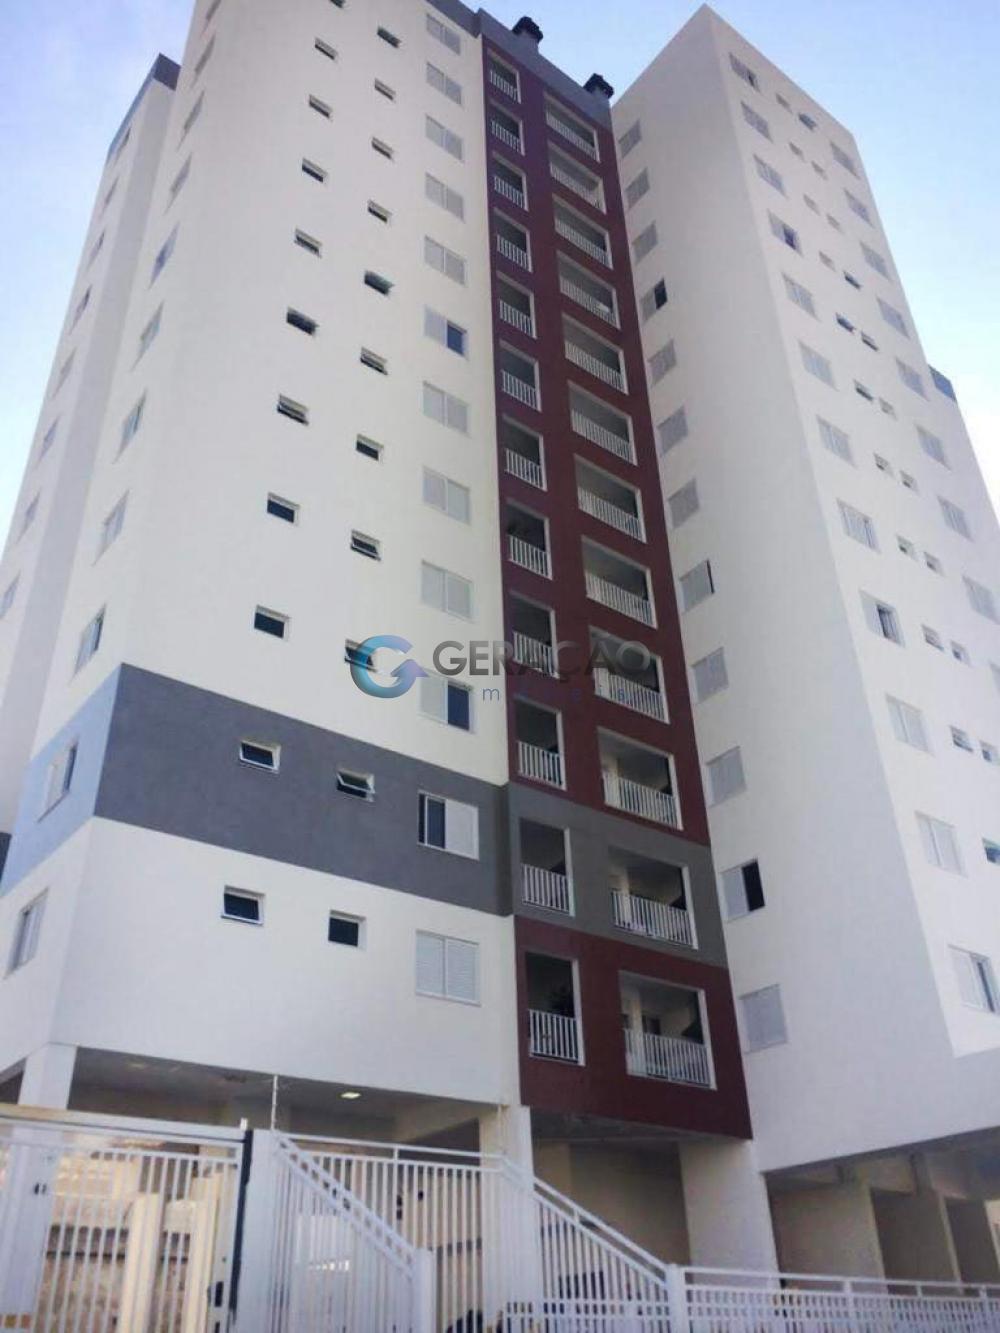 Comprar Apartamento / Padrão em São José dos Campos R$ 415.000,00 - Foto 1